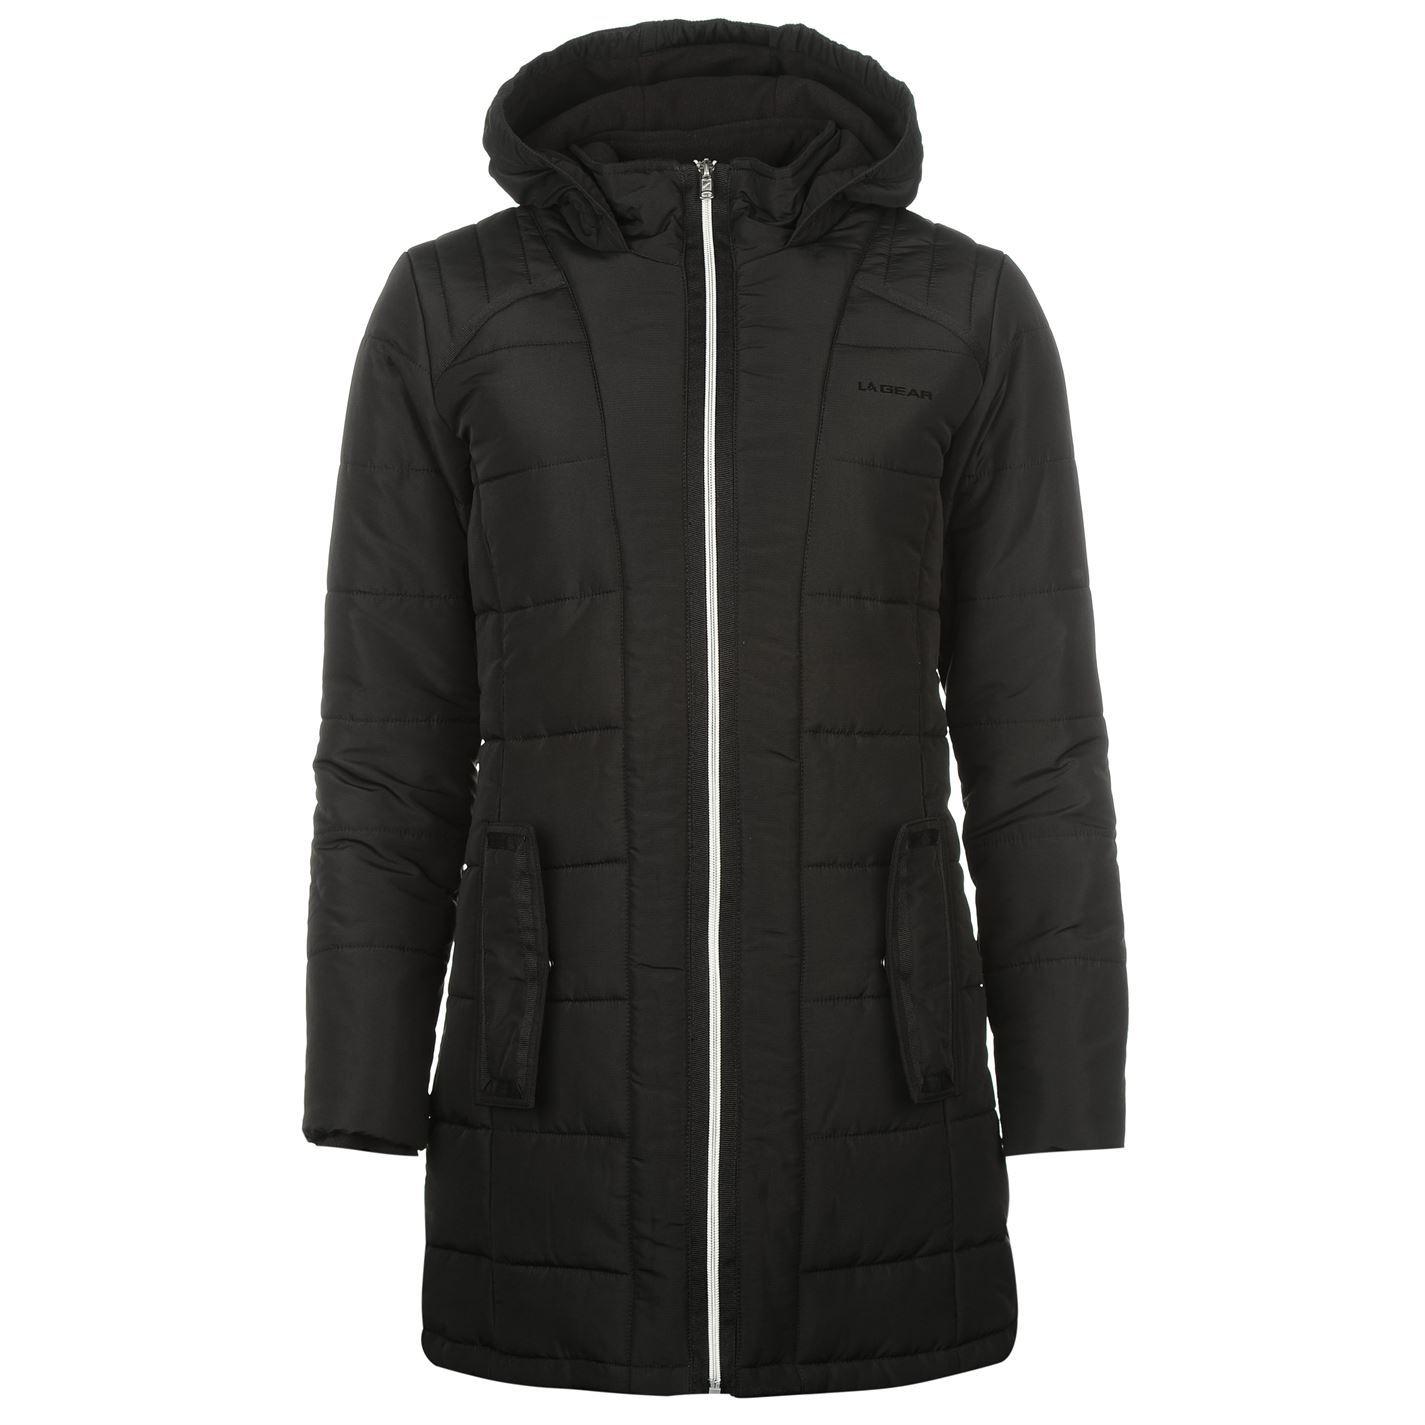 Details about LA Gear Womens Long Jacket Padded Coat Top Lightweight Hooded  Zip Winter Warm cfeb7b3f4ac9